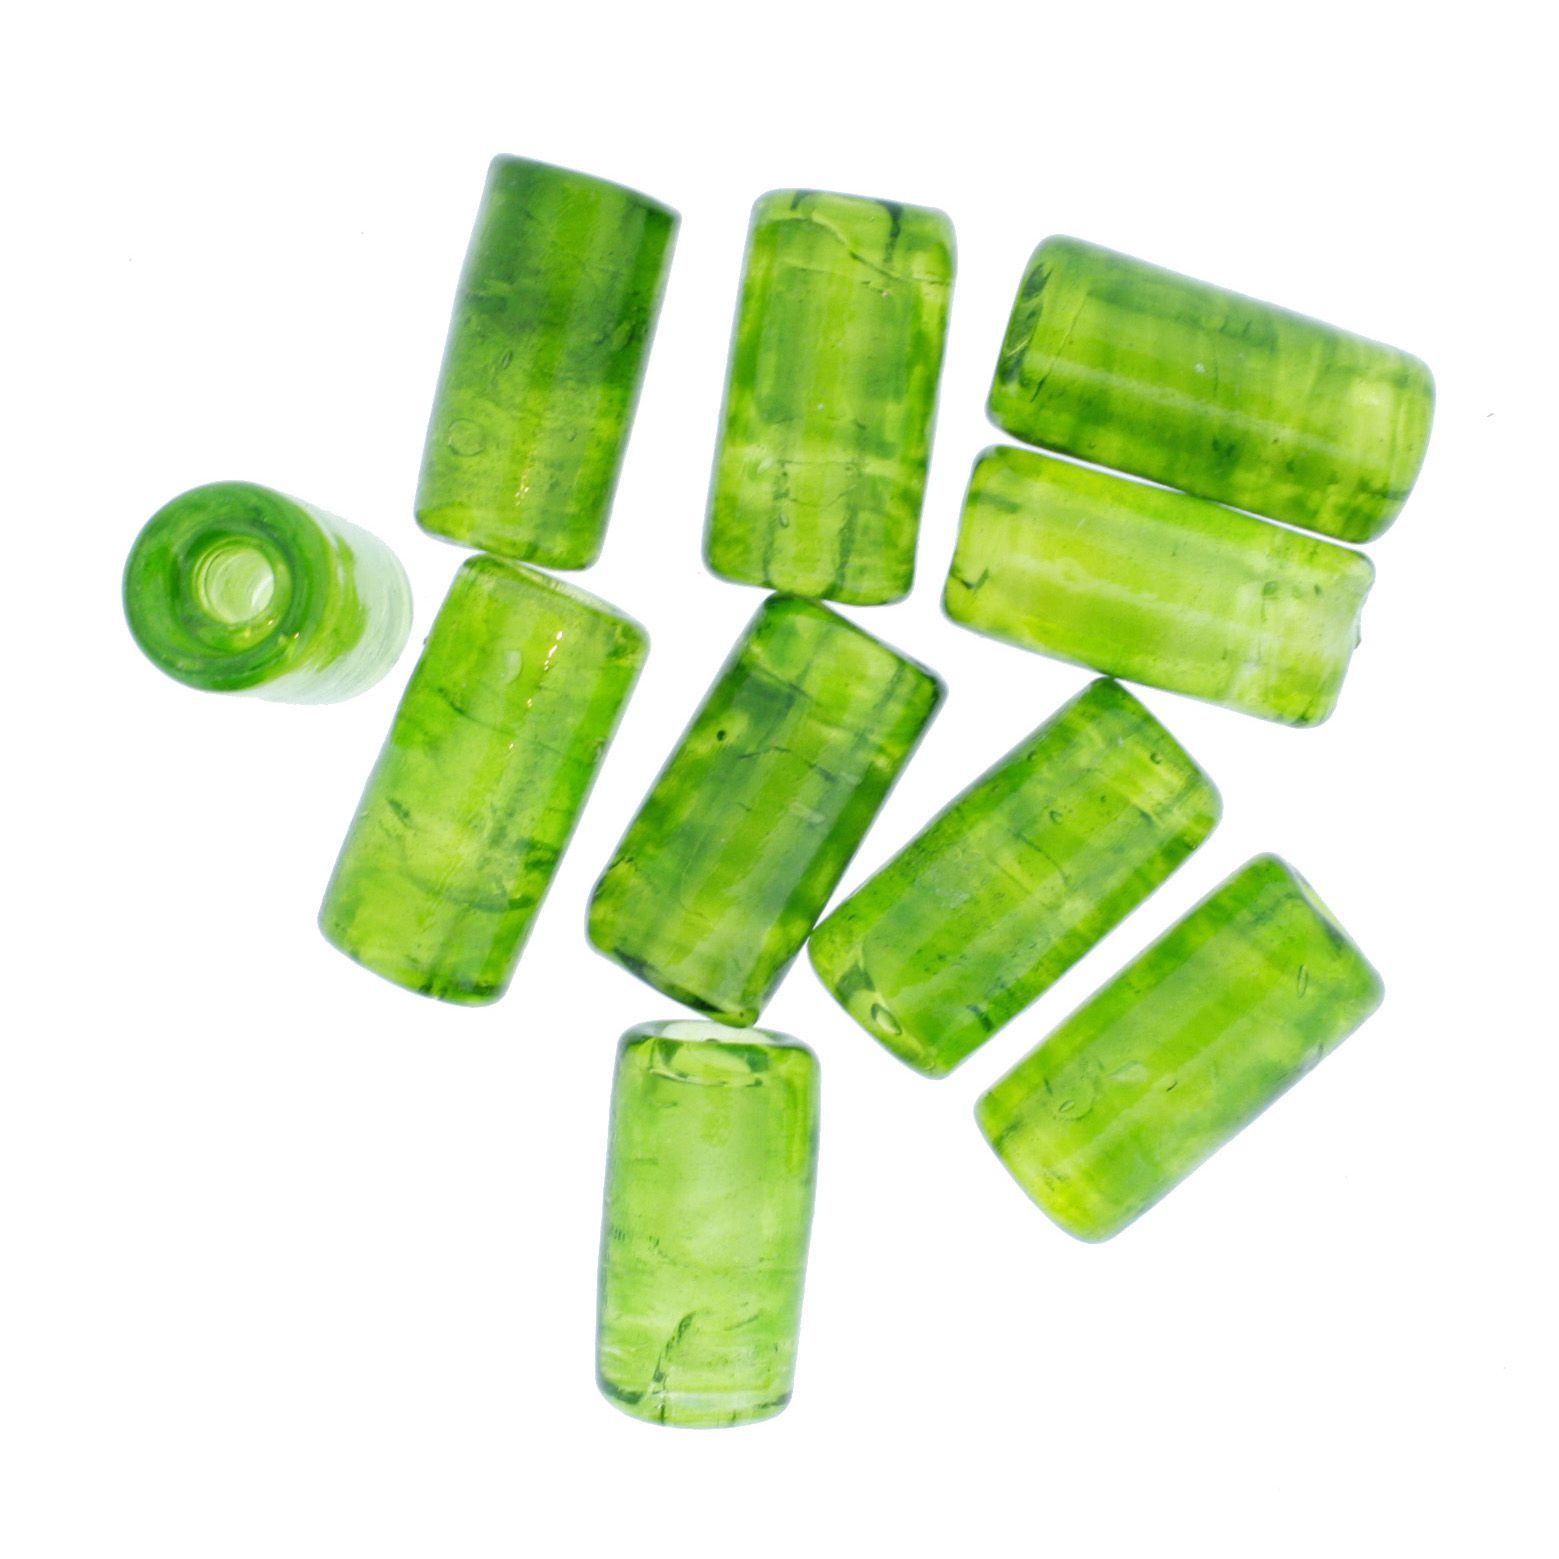 Firma Lisa - Verde Clara Transparente  - Stéphanie Bijoux® - Peças para Bijuterias e Artesanato